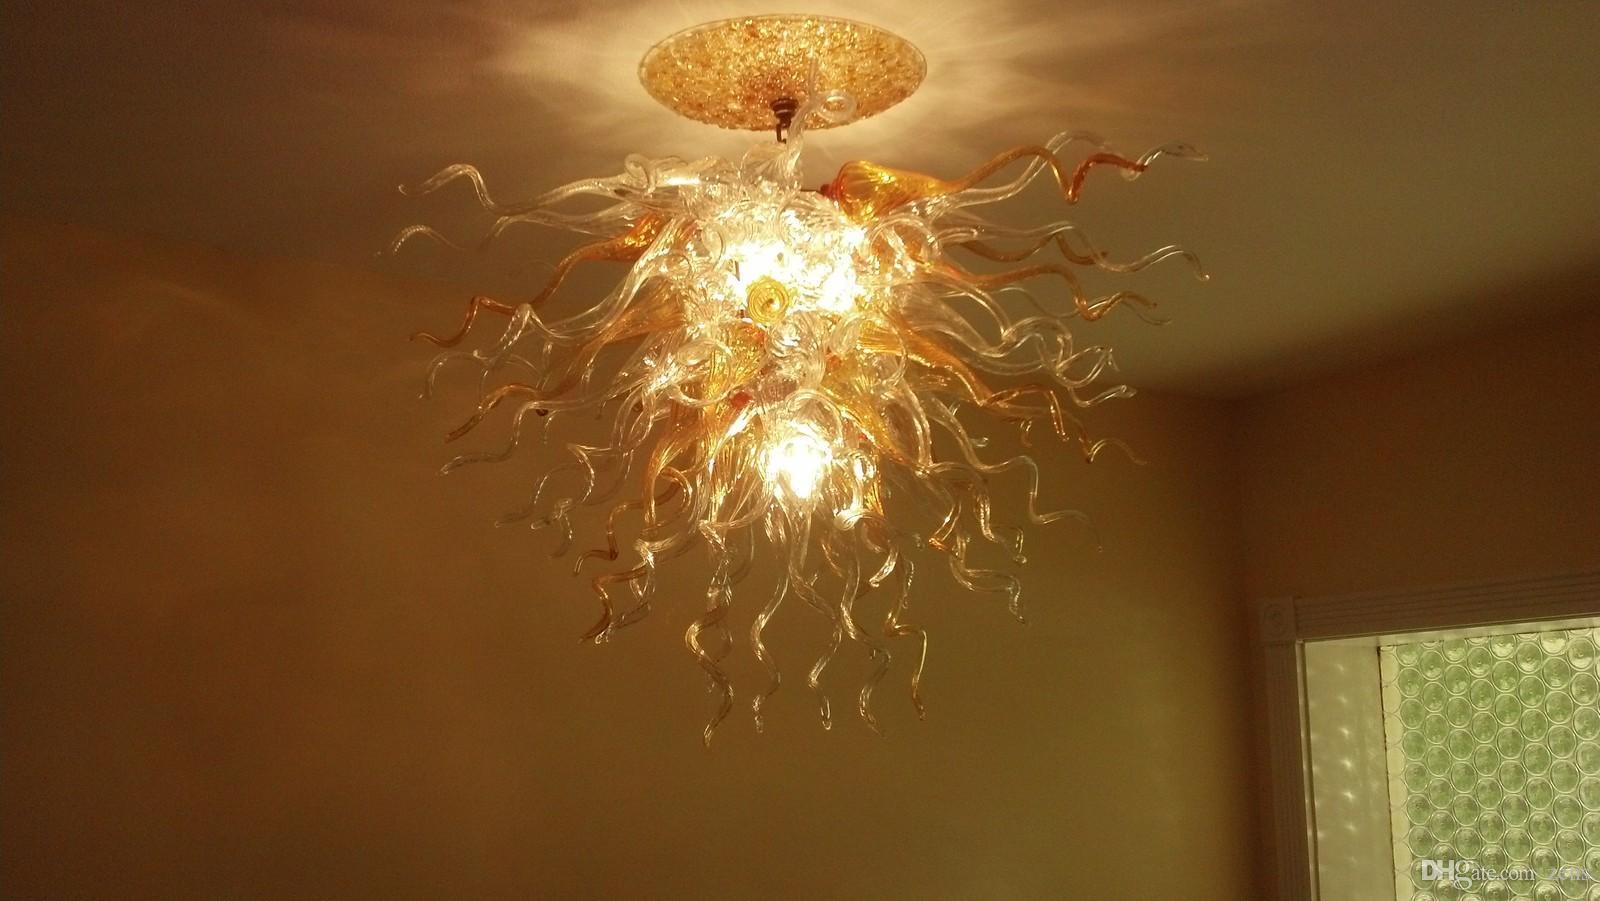 Lámparas de techo de cristal modernas Lámparas de cristal de Murano sopladas hechas a mano Estilo de iluminación Lámparas de techo de techo modernas